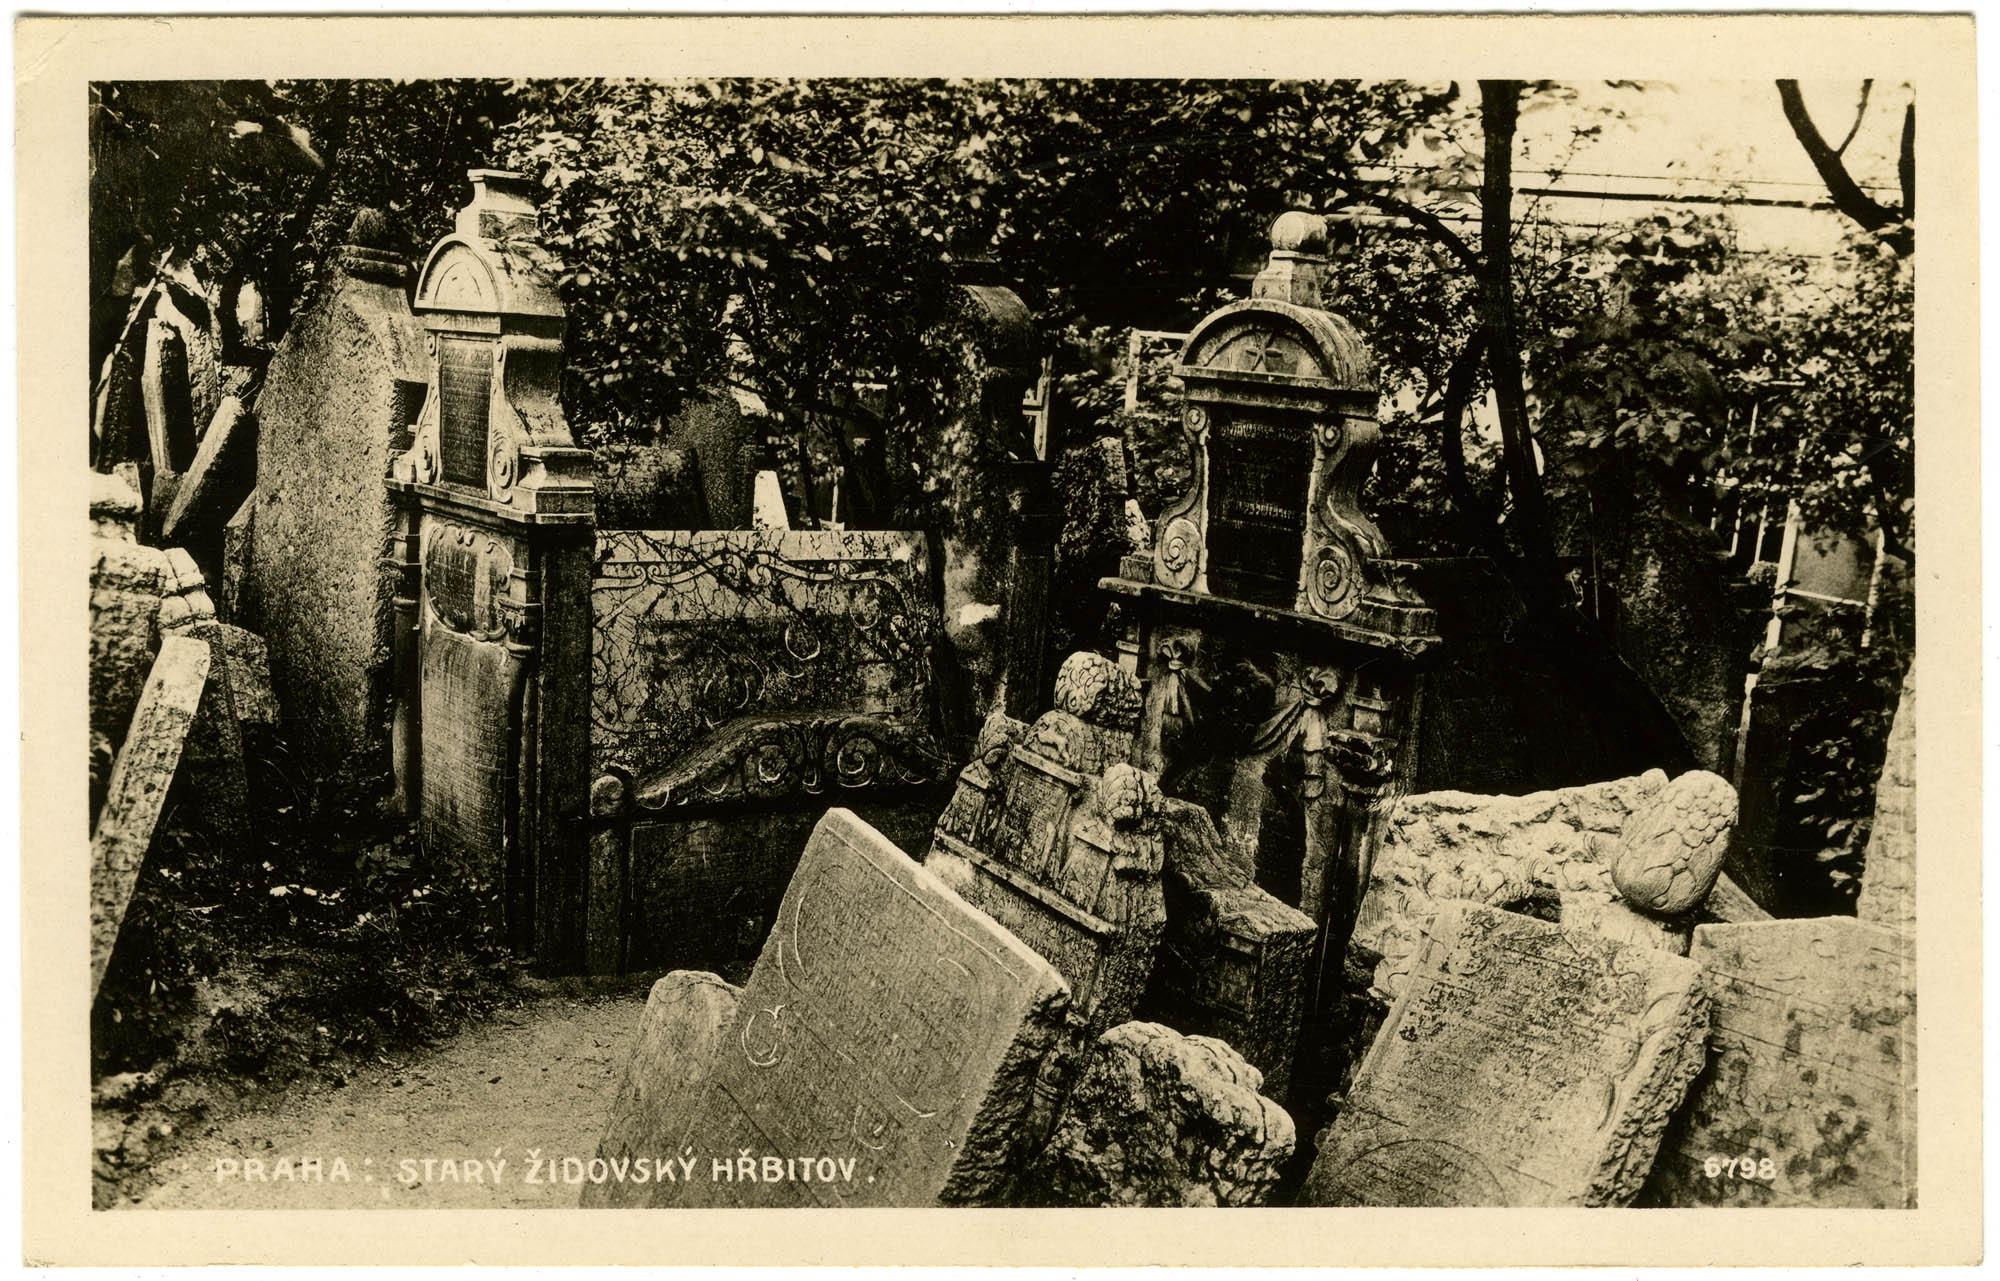 Praha : Starý židovský hřbitov